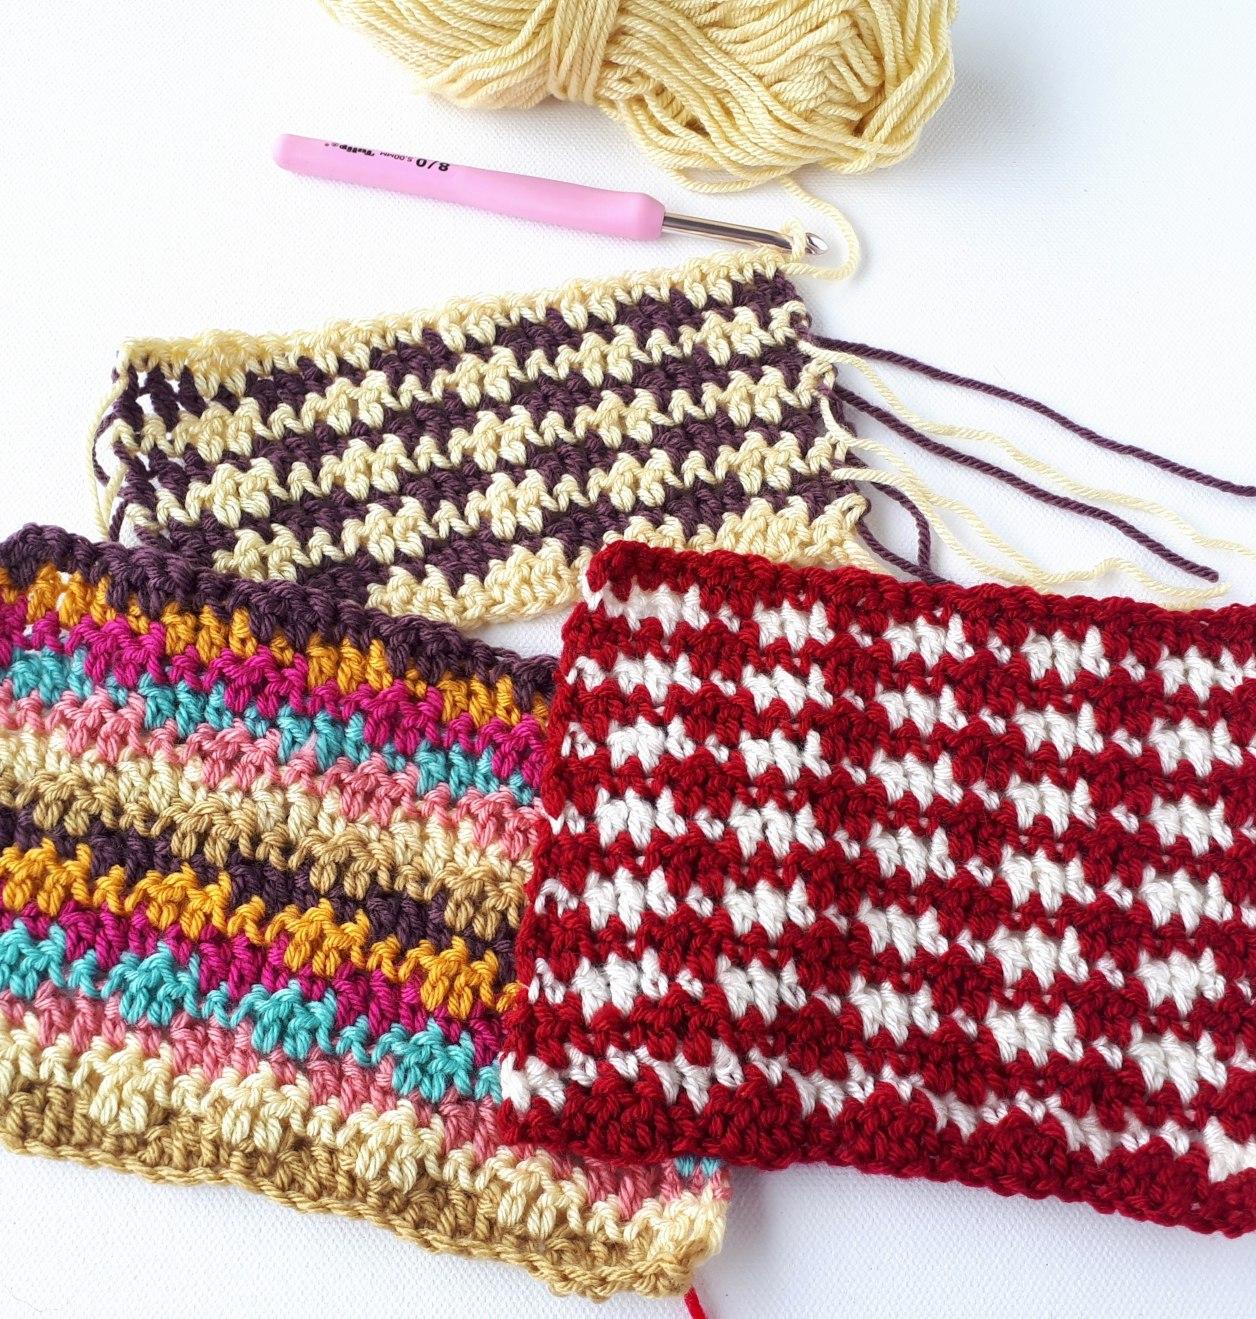 Crochet Stitch Pattern  Double Grit Stitch Crochet Tutorial Free Pattern Annie Design